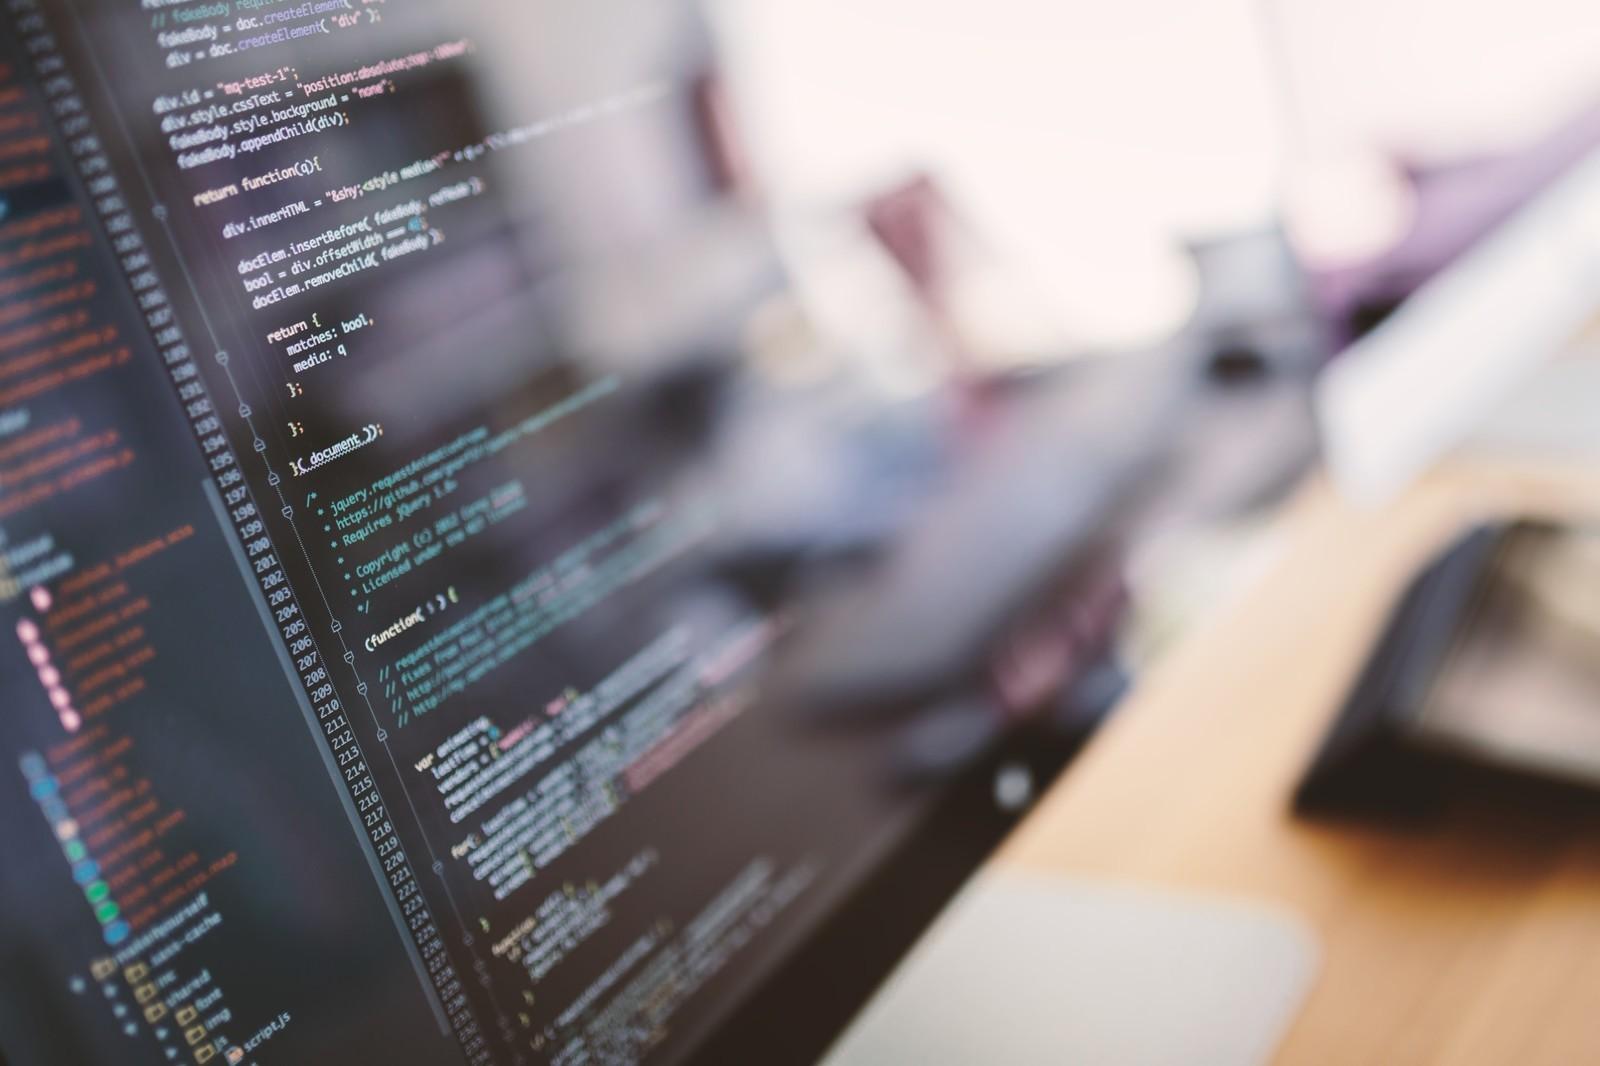 株式会社カジヤにおけるJavaScriptを使ったフロントエンド開発